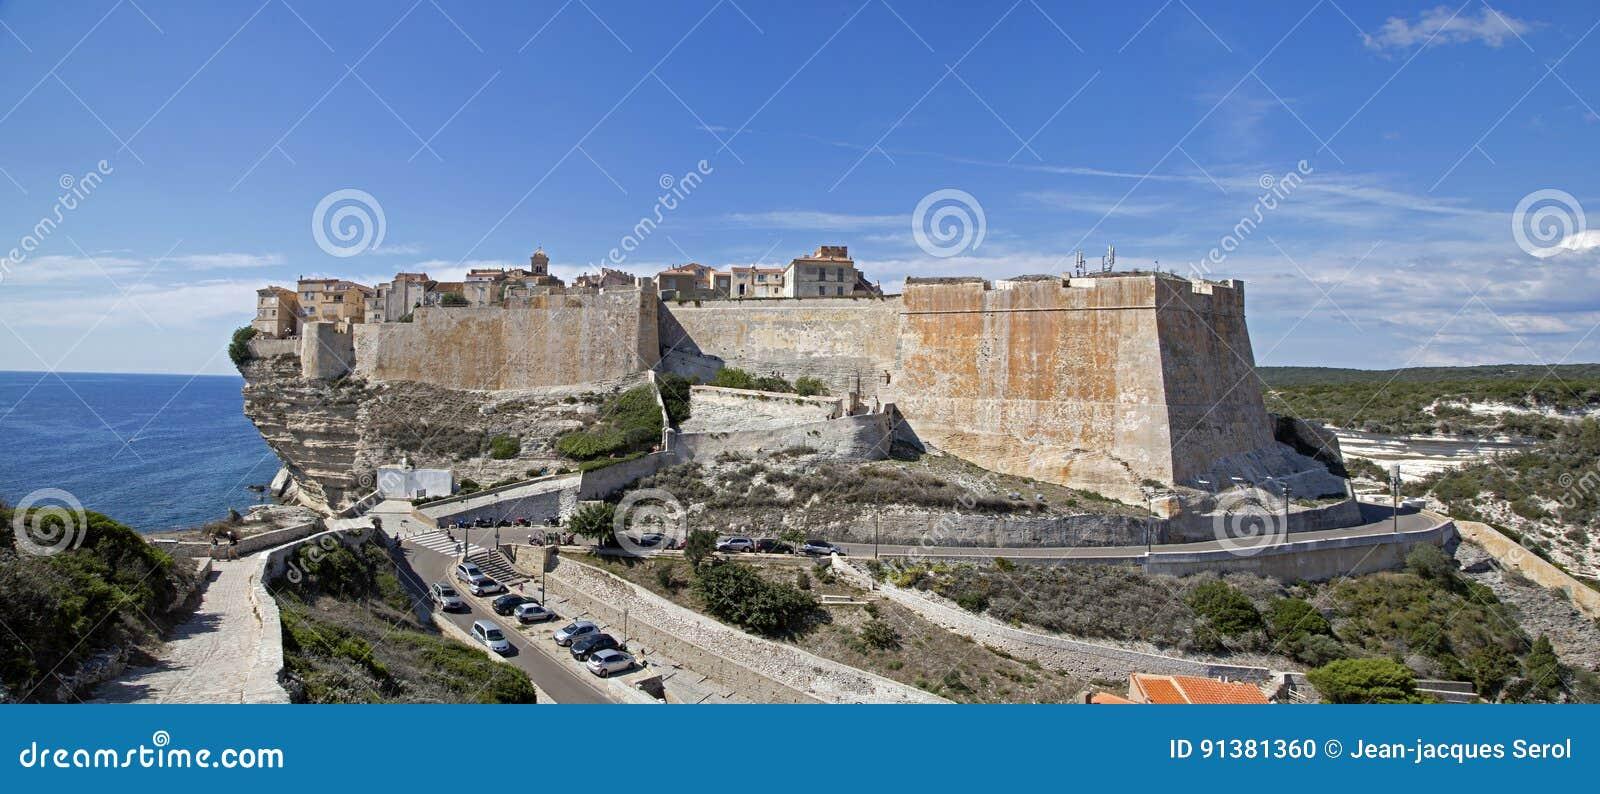 Klippen en citadel van Bonifacio, het Zuidelijke Eiland van Corsica, Frankrijk